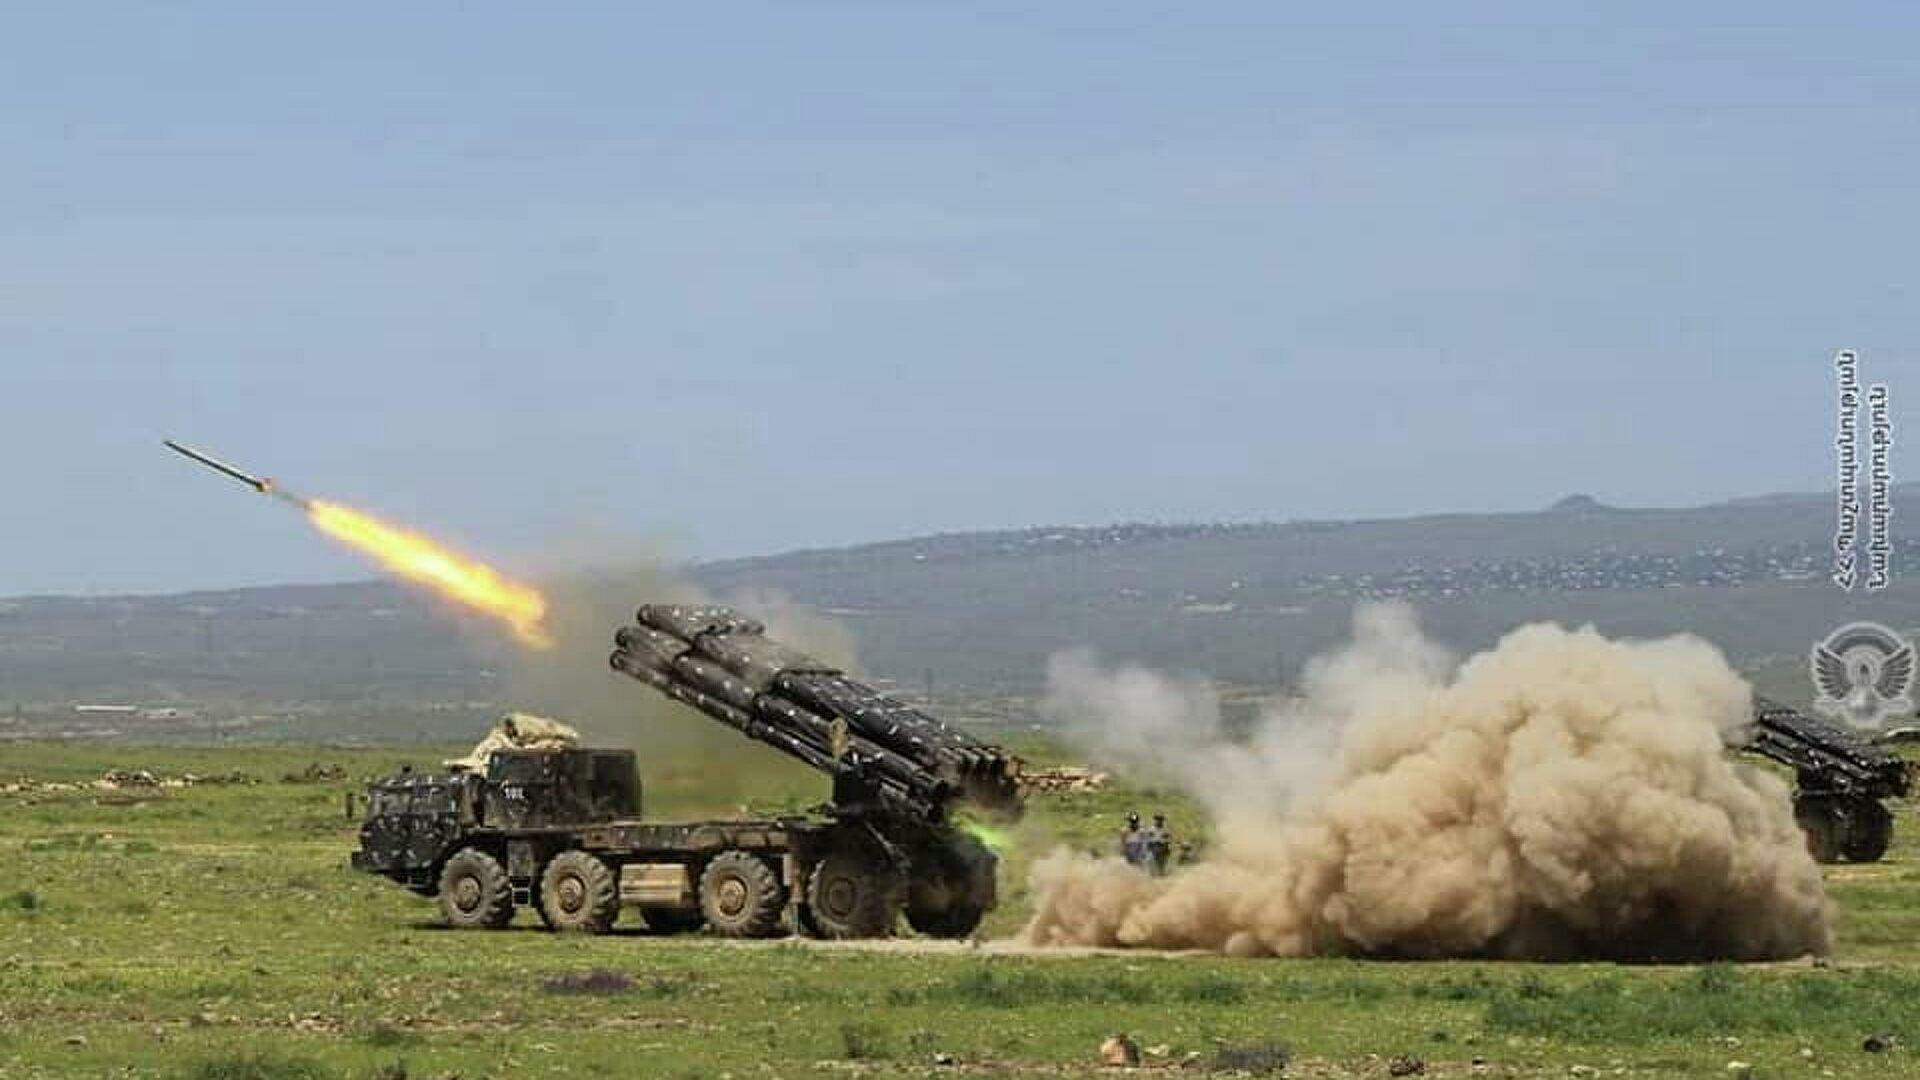 Photo of Հայկական կողմն արդեն իսկ դիմել է պատասխան գործողությունների. ՊՆ խոսնակ